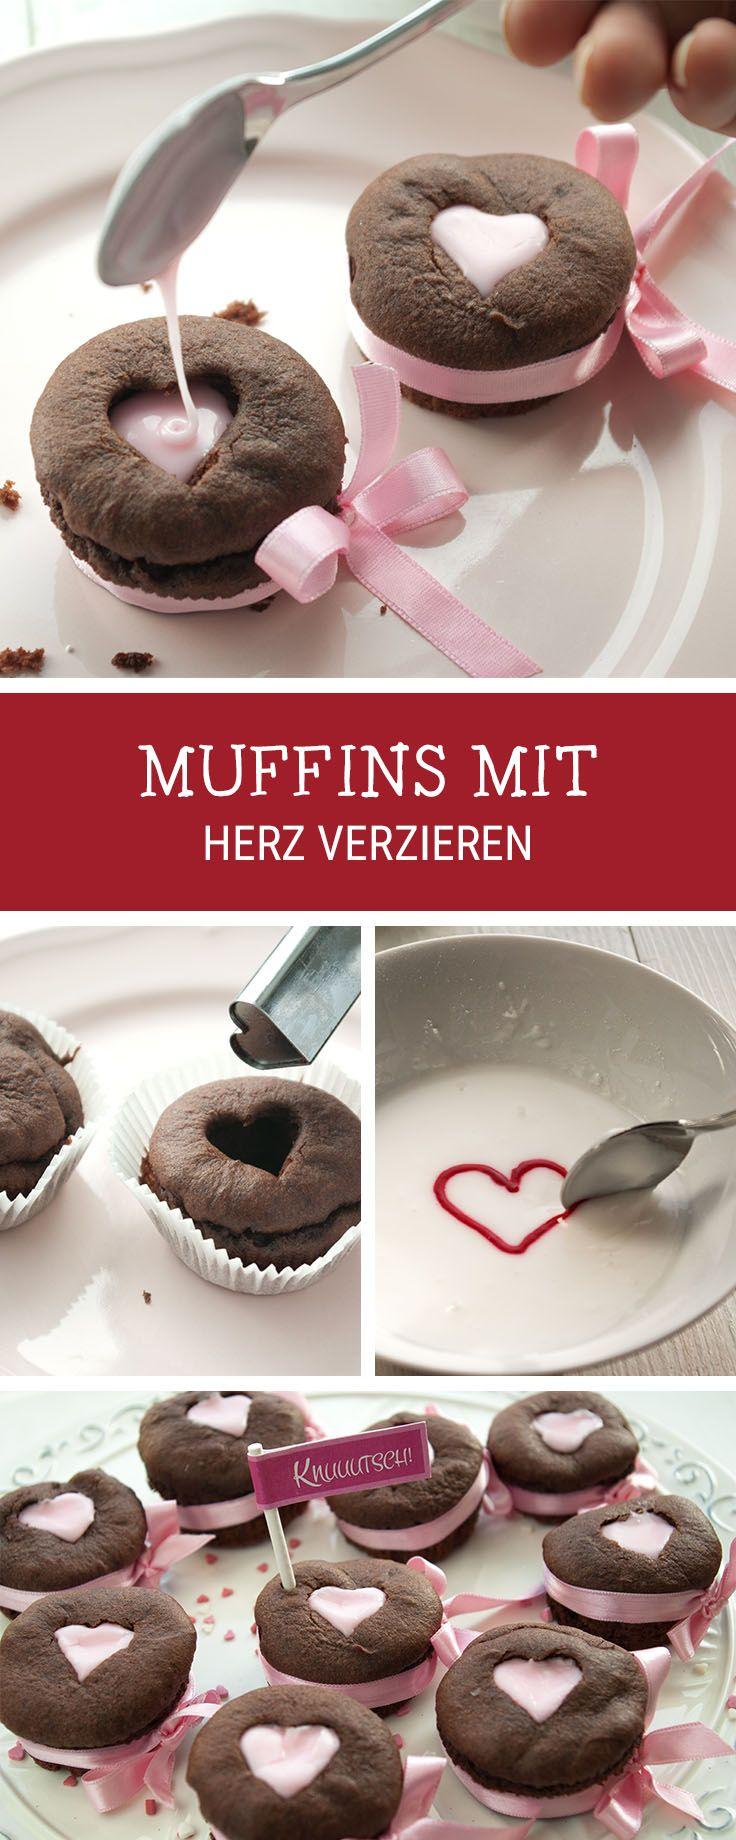 DIY Anleitung: Muffins Mit Zuckerguss Herz Verzieren Via DaWanda.com. Dessert  RezepteSüße ...